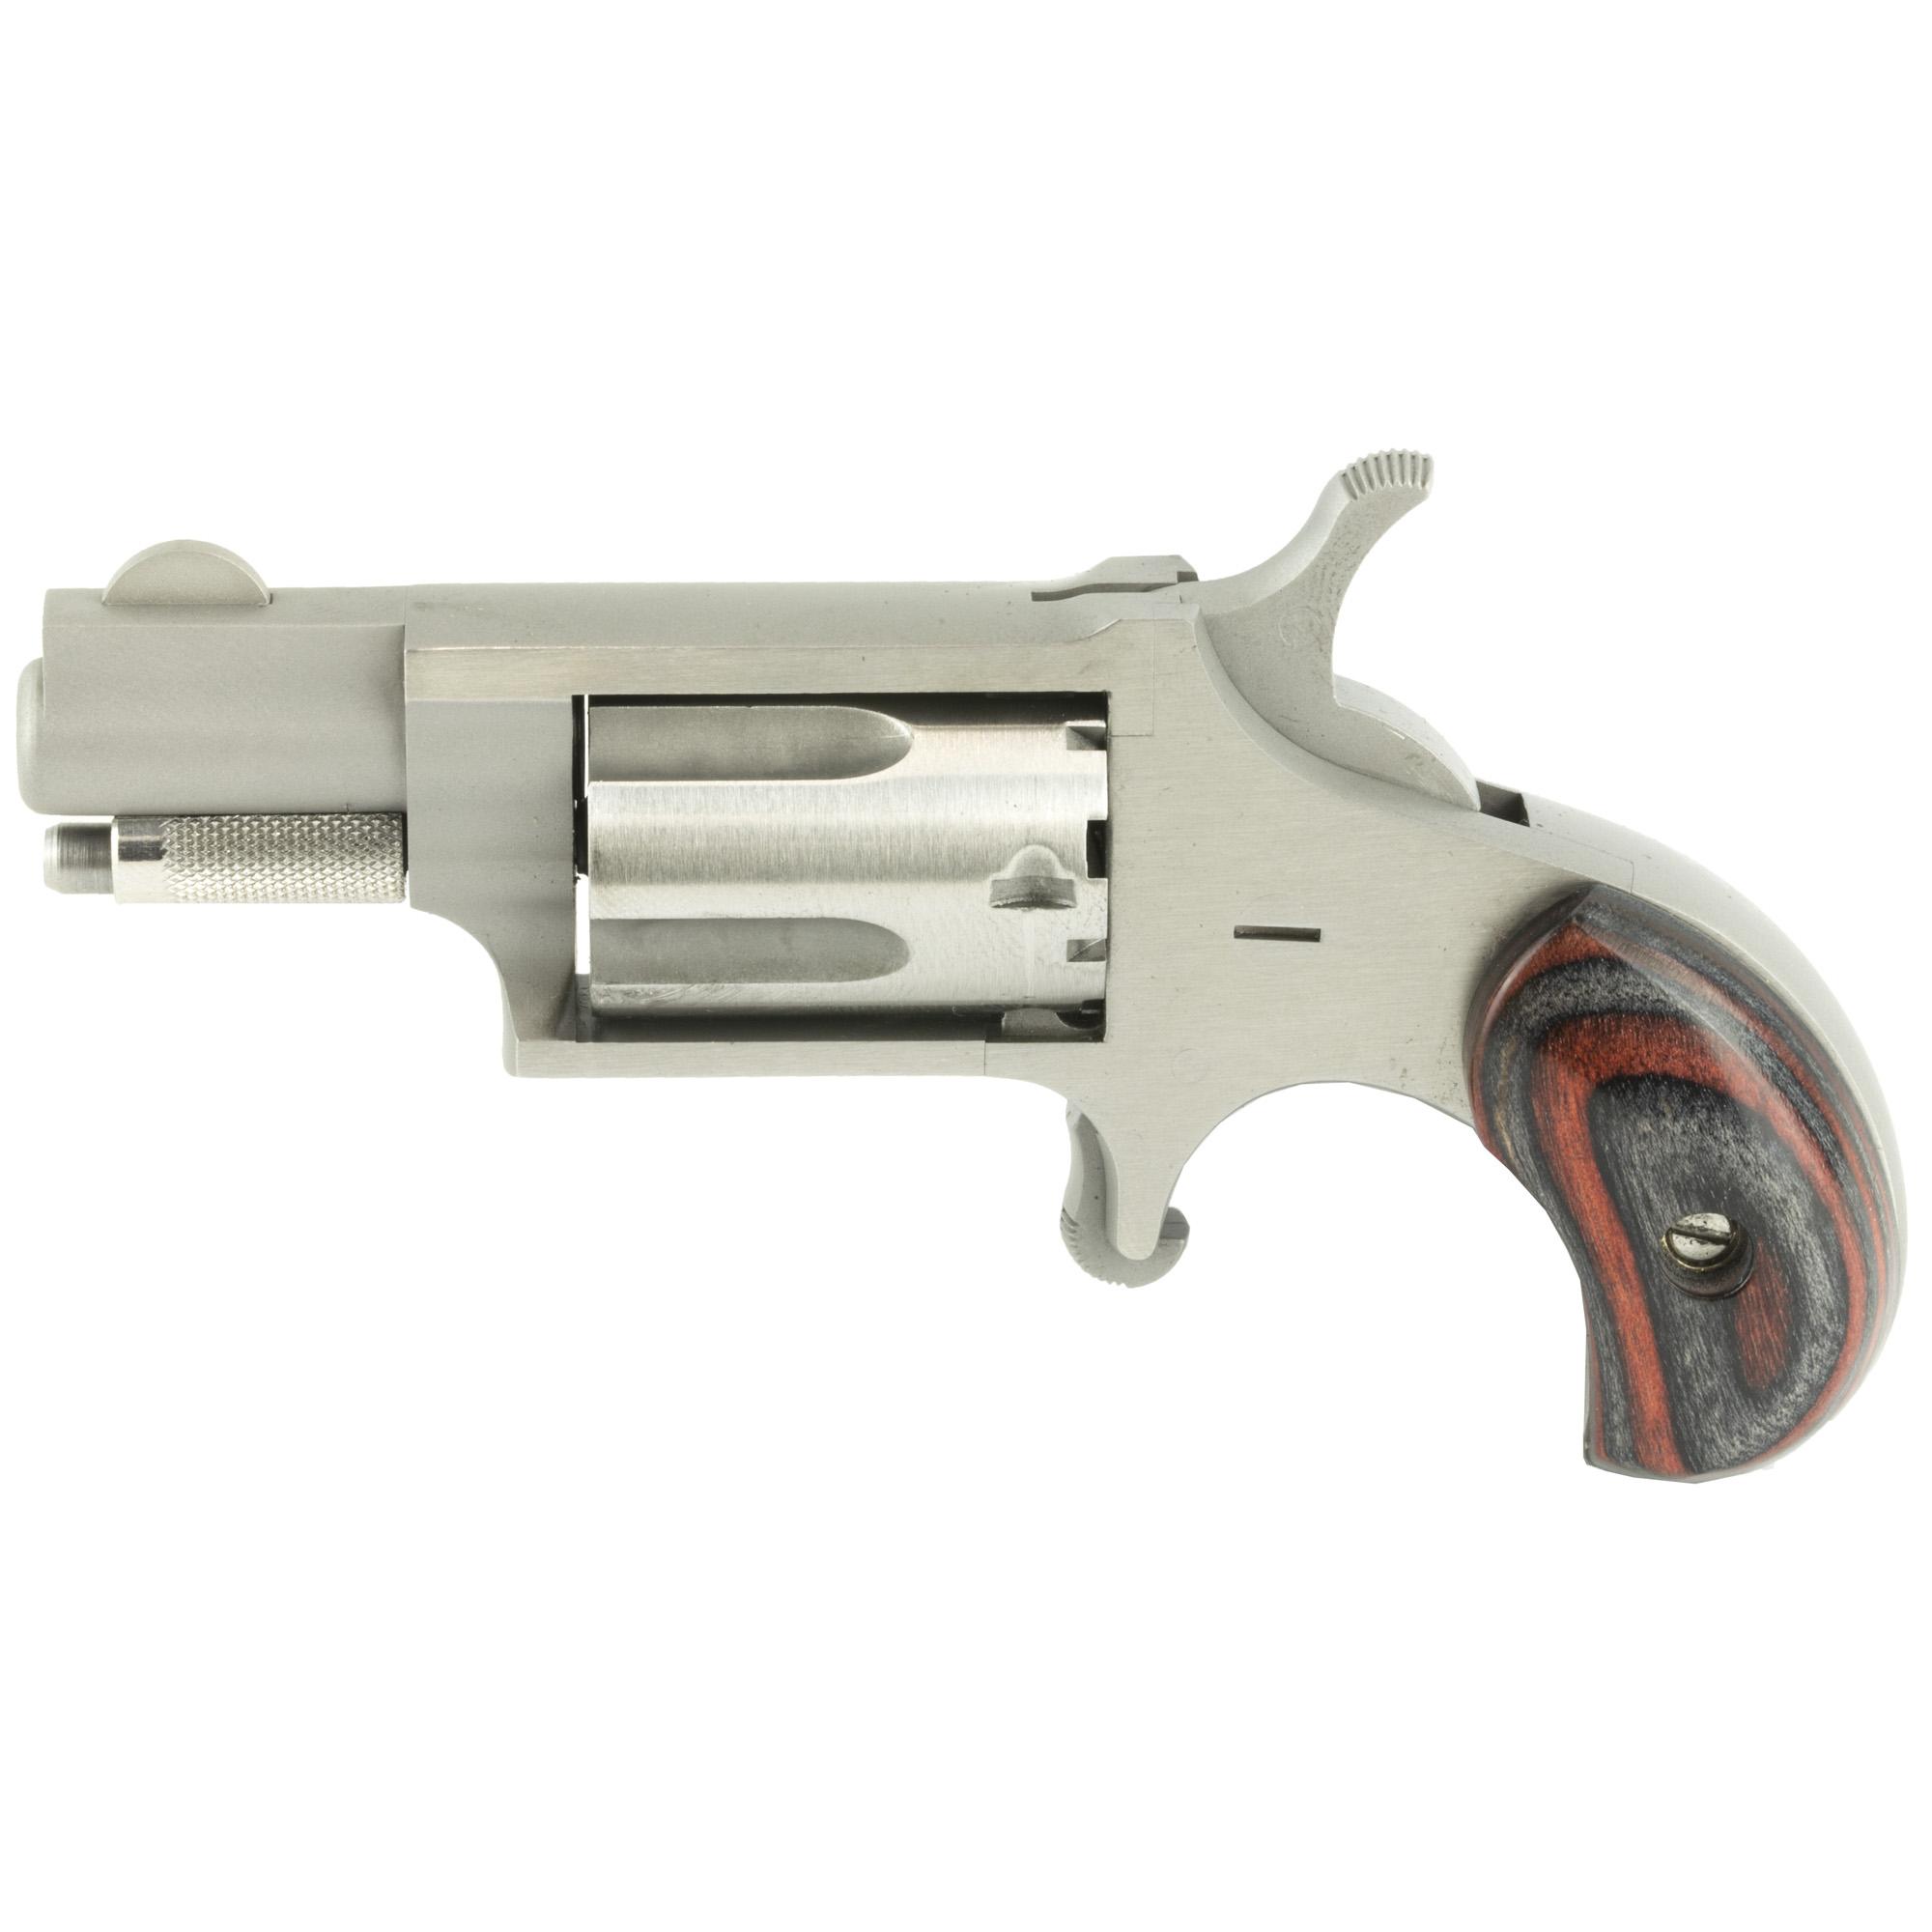 North American Arms Mini Revolver Single Action 1 125